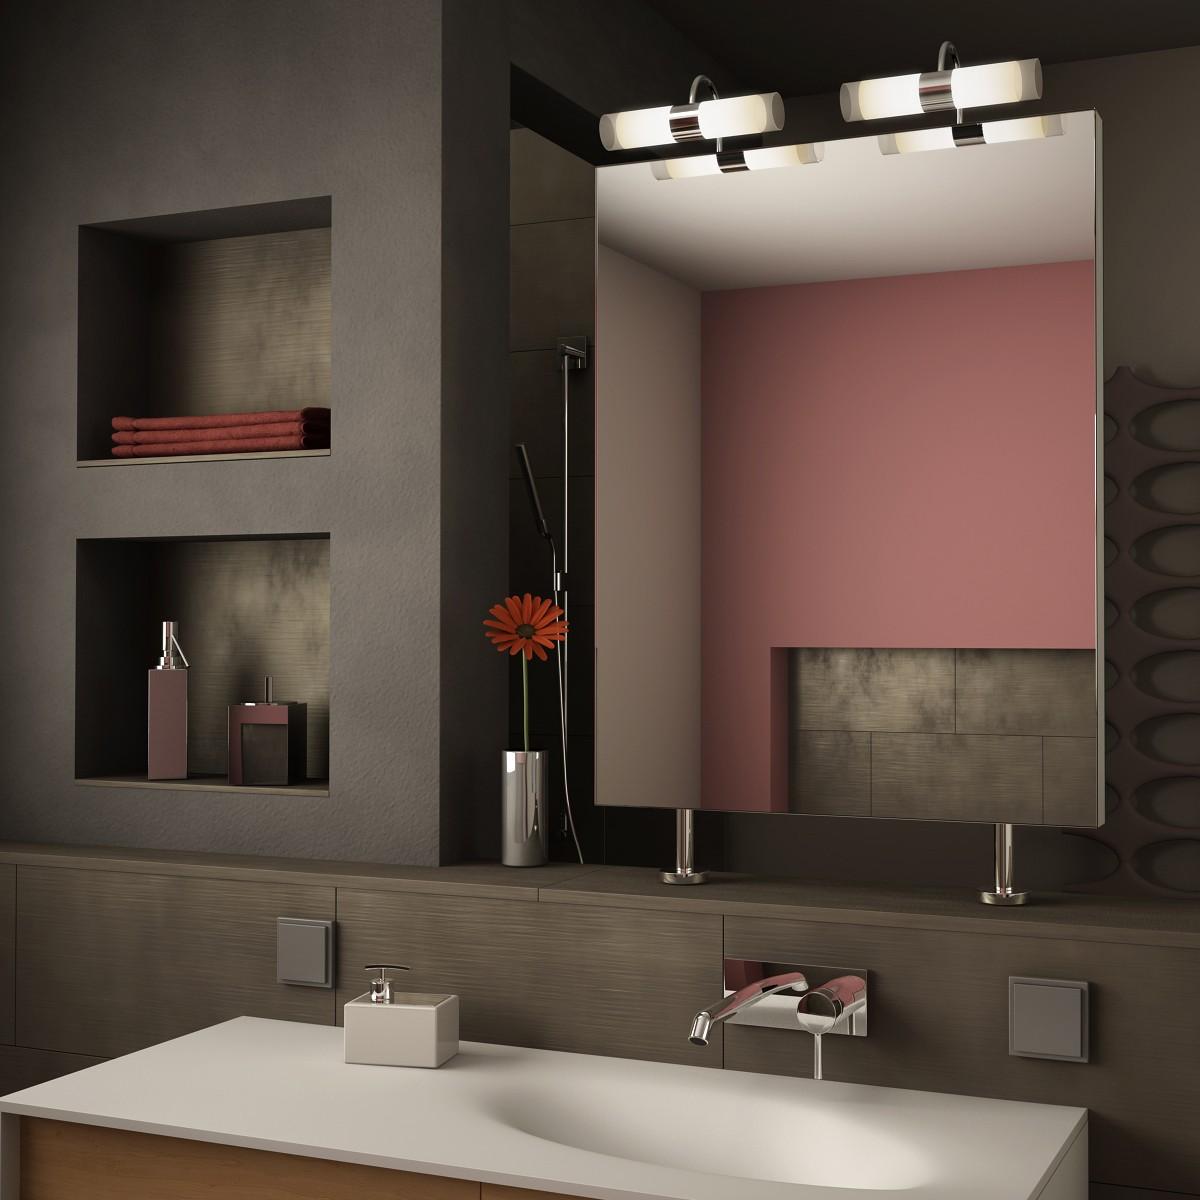 Spiegel Raumteiler Granada